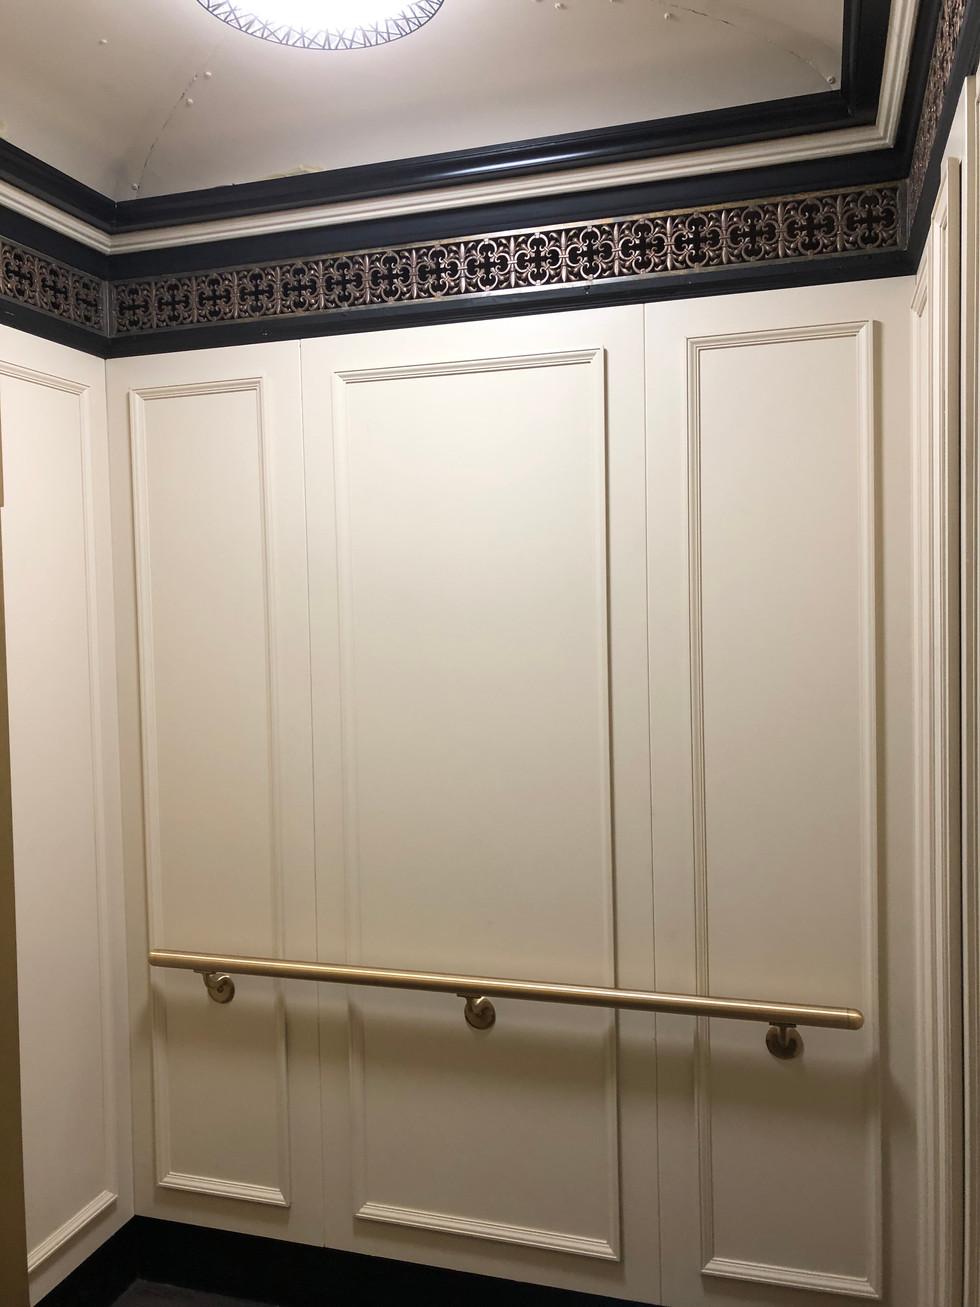 401 Fullerton - Elevator Interior